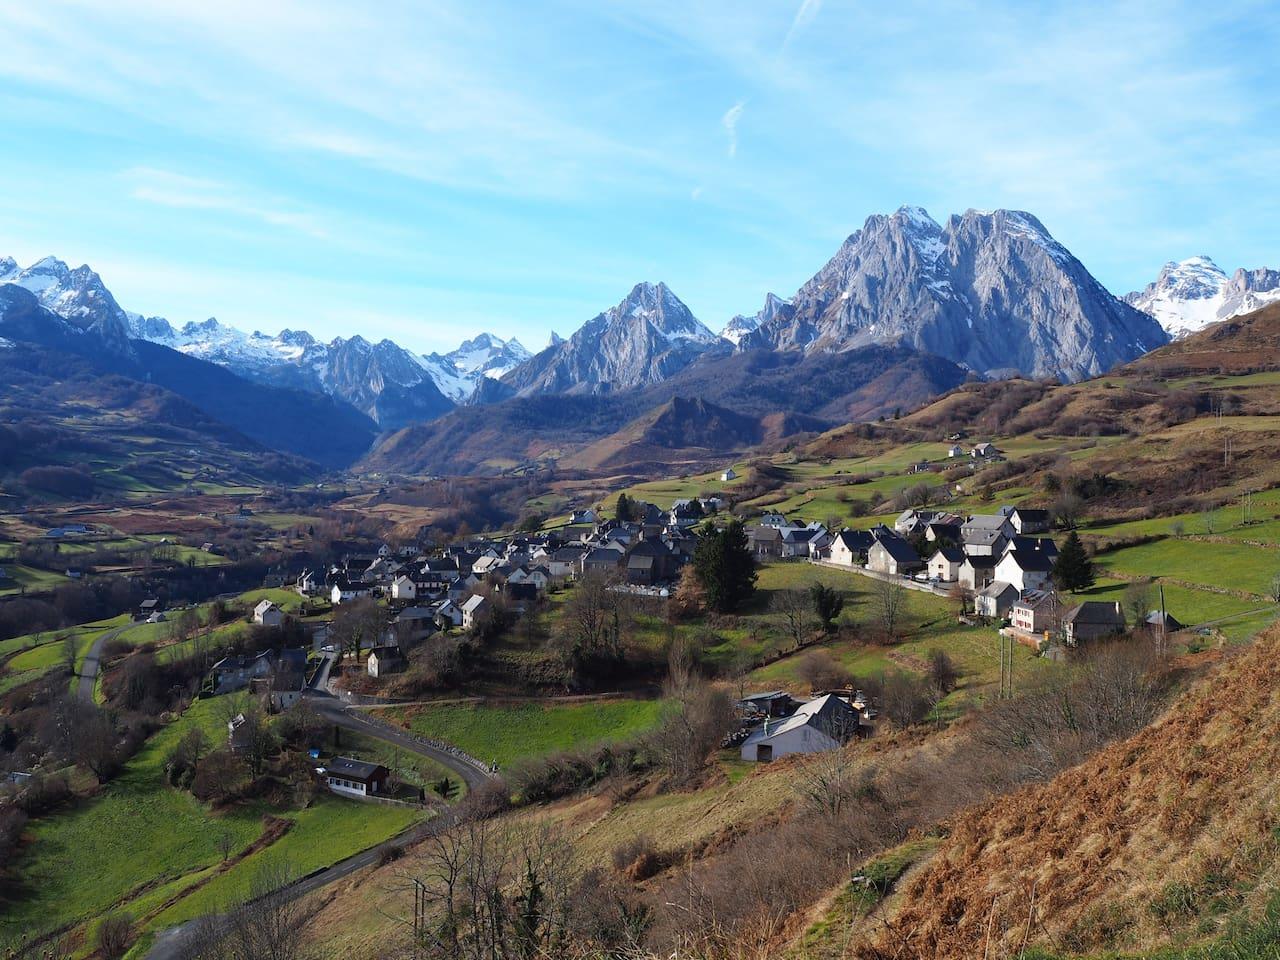 Le village de Lescun. Lescun's village. El pueblo de Lescun